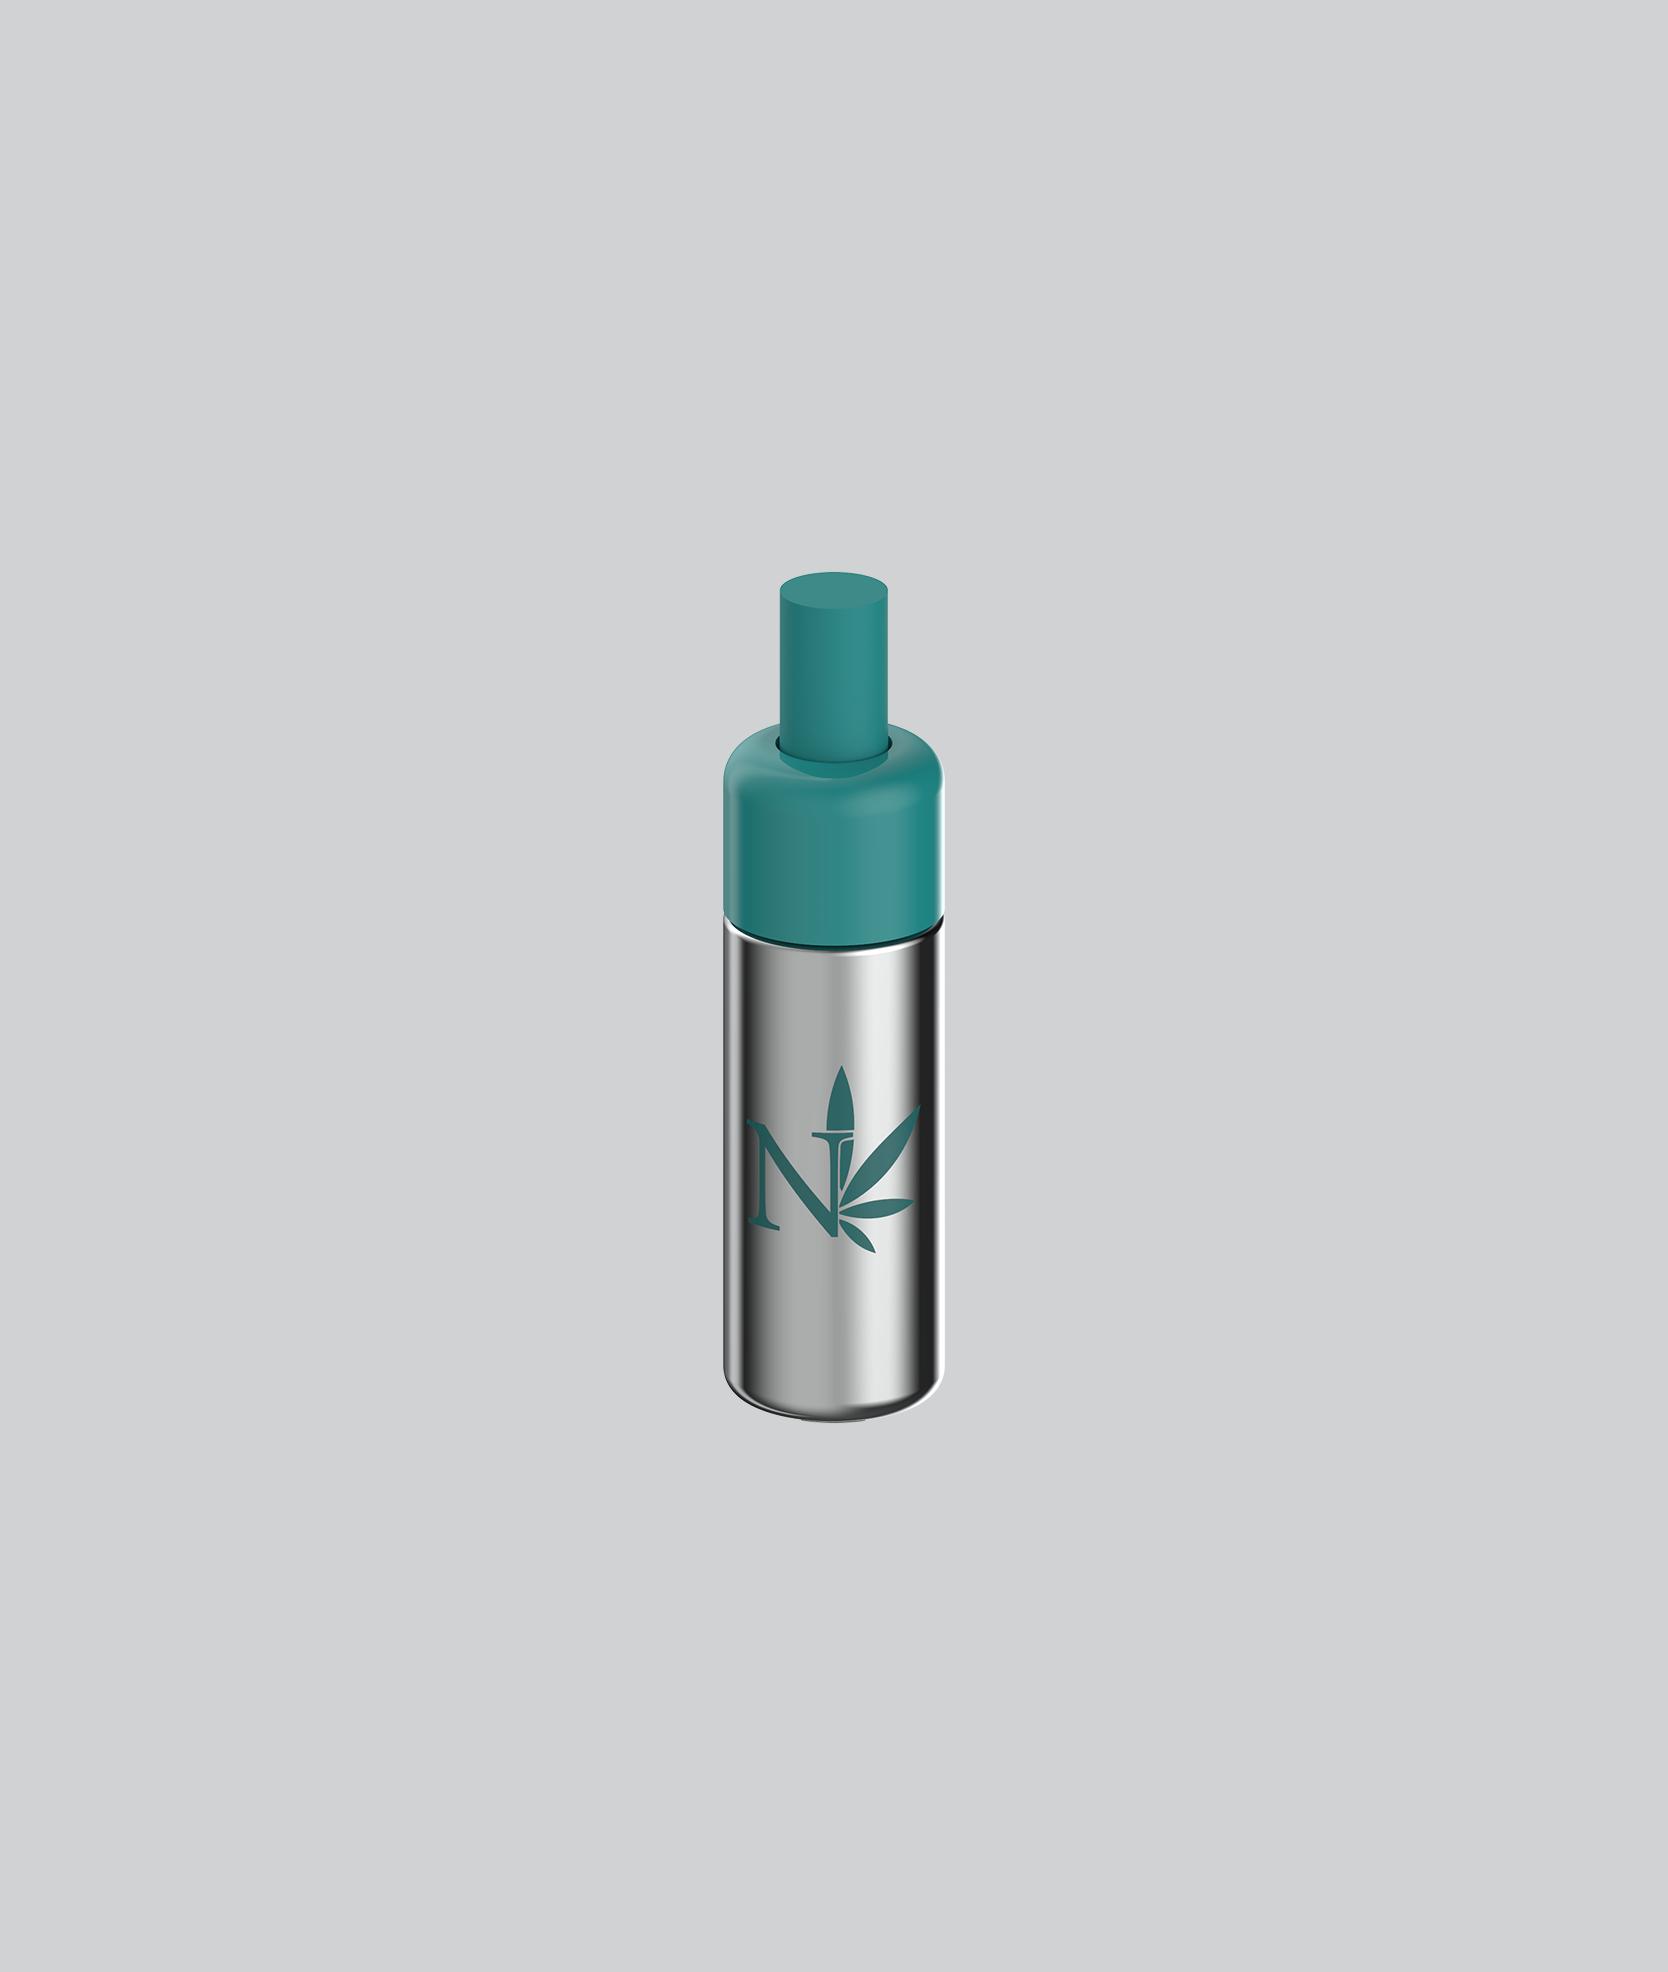 nleaf-custom-15-30-cbd-dropper